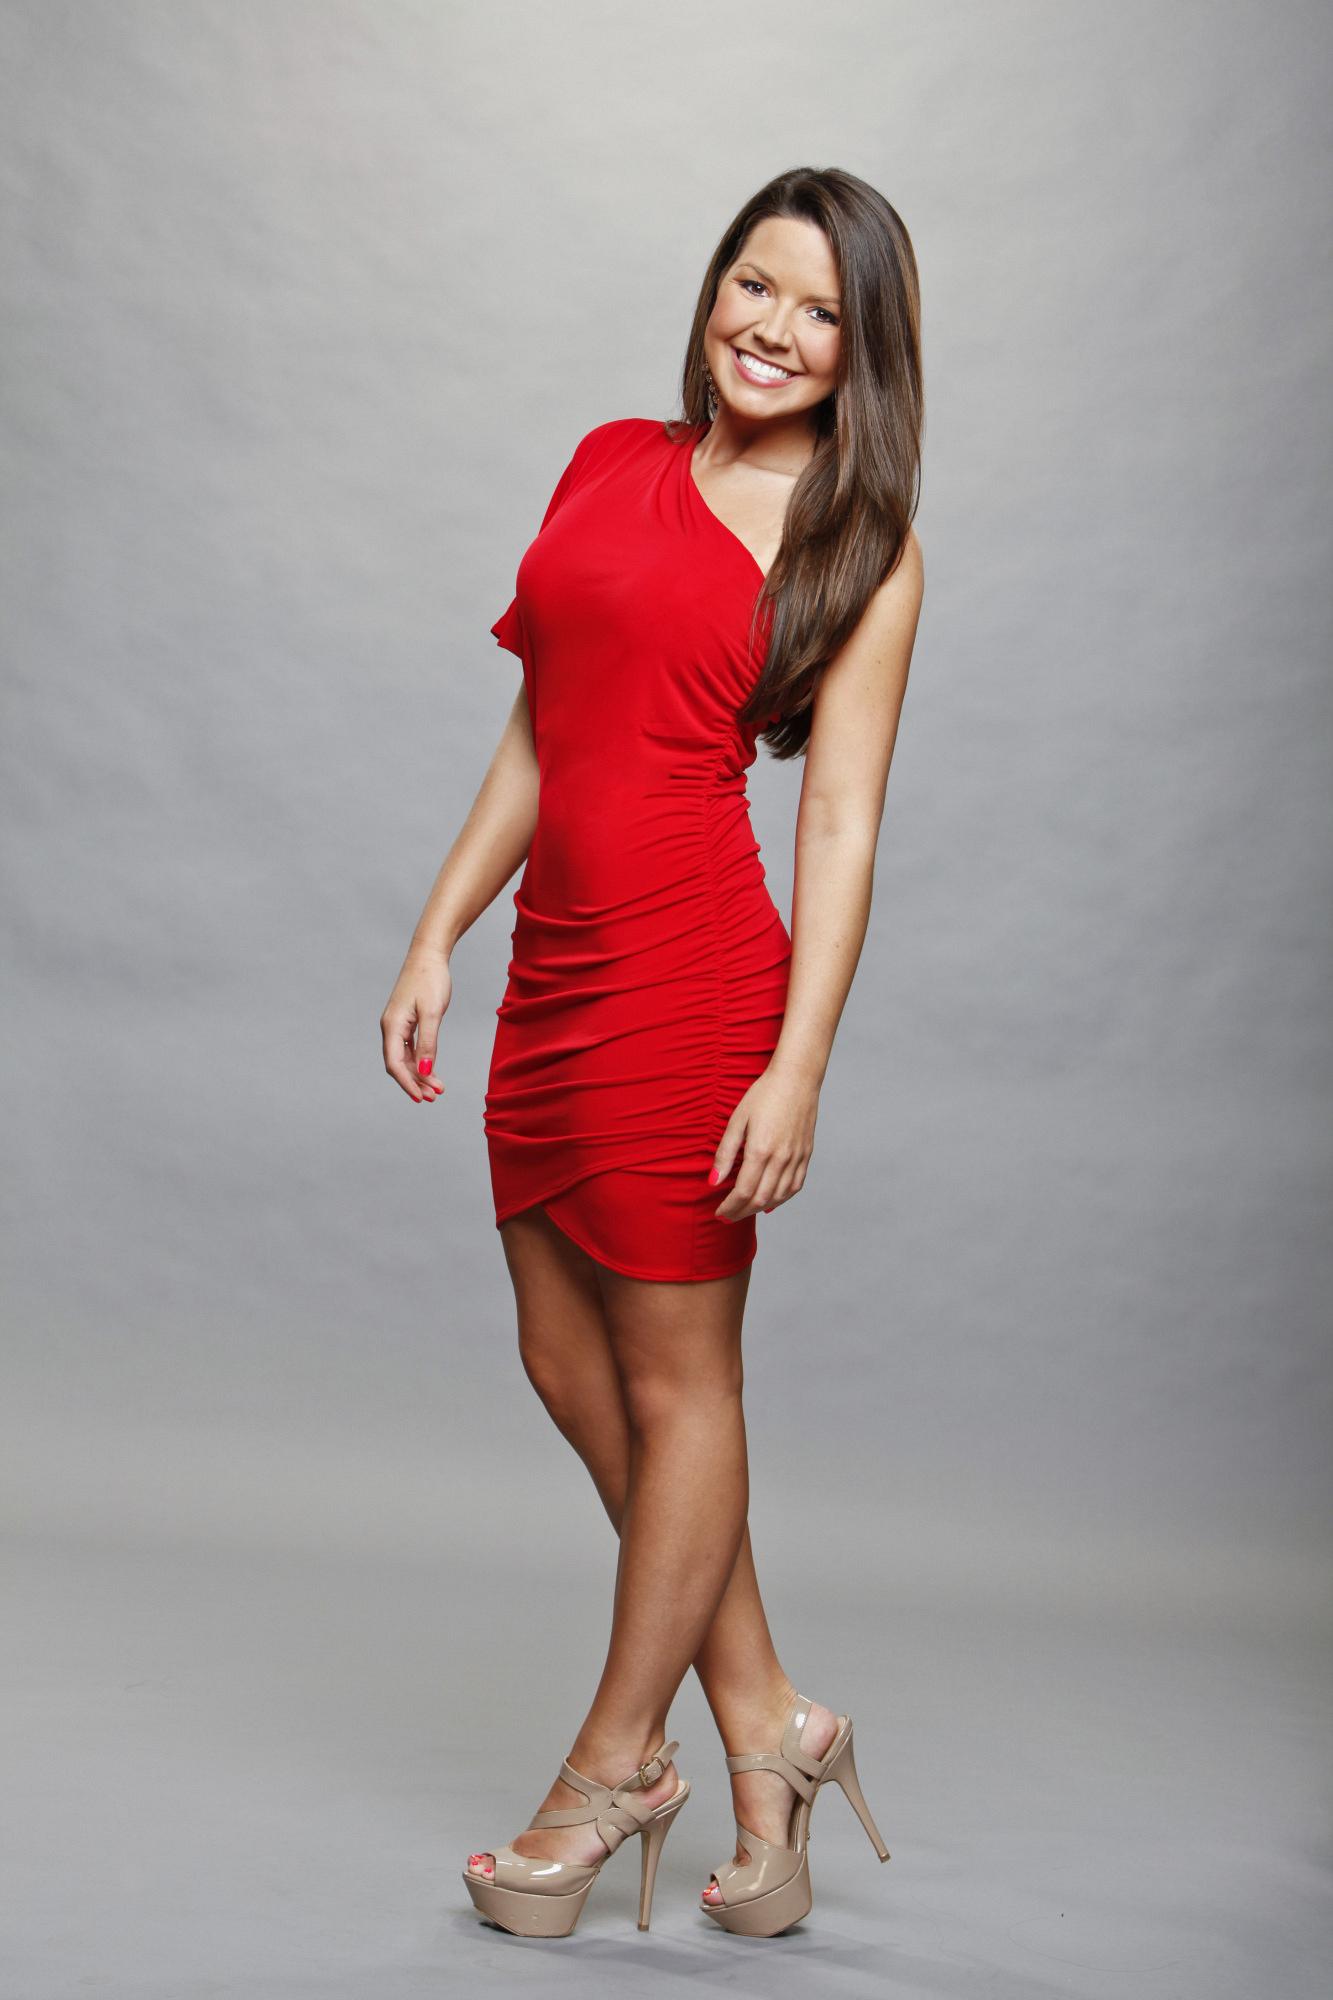 Danielle Murphee